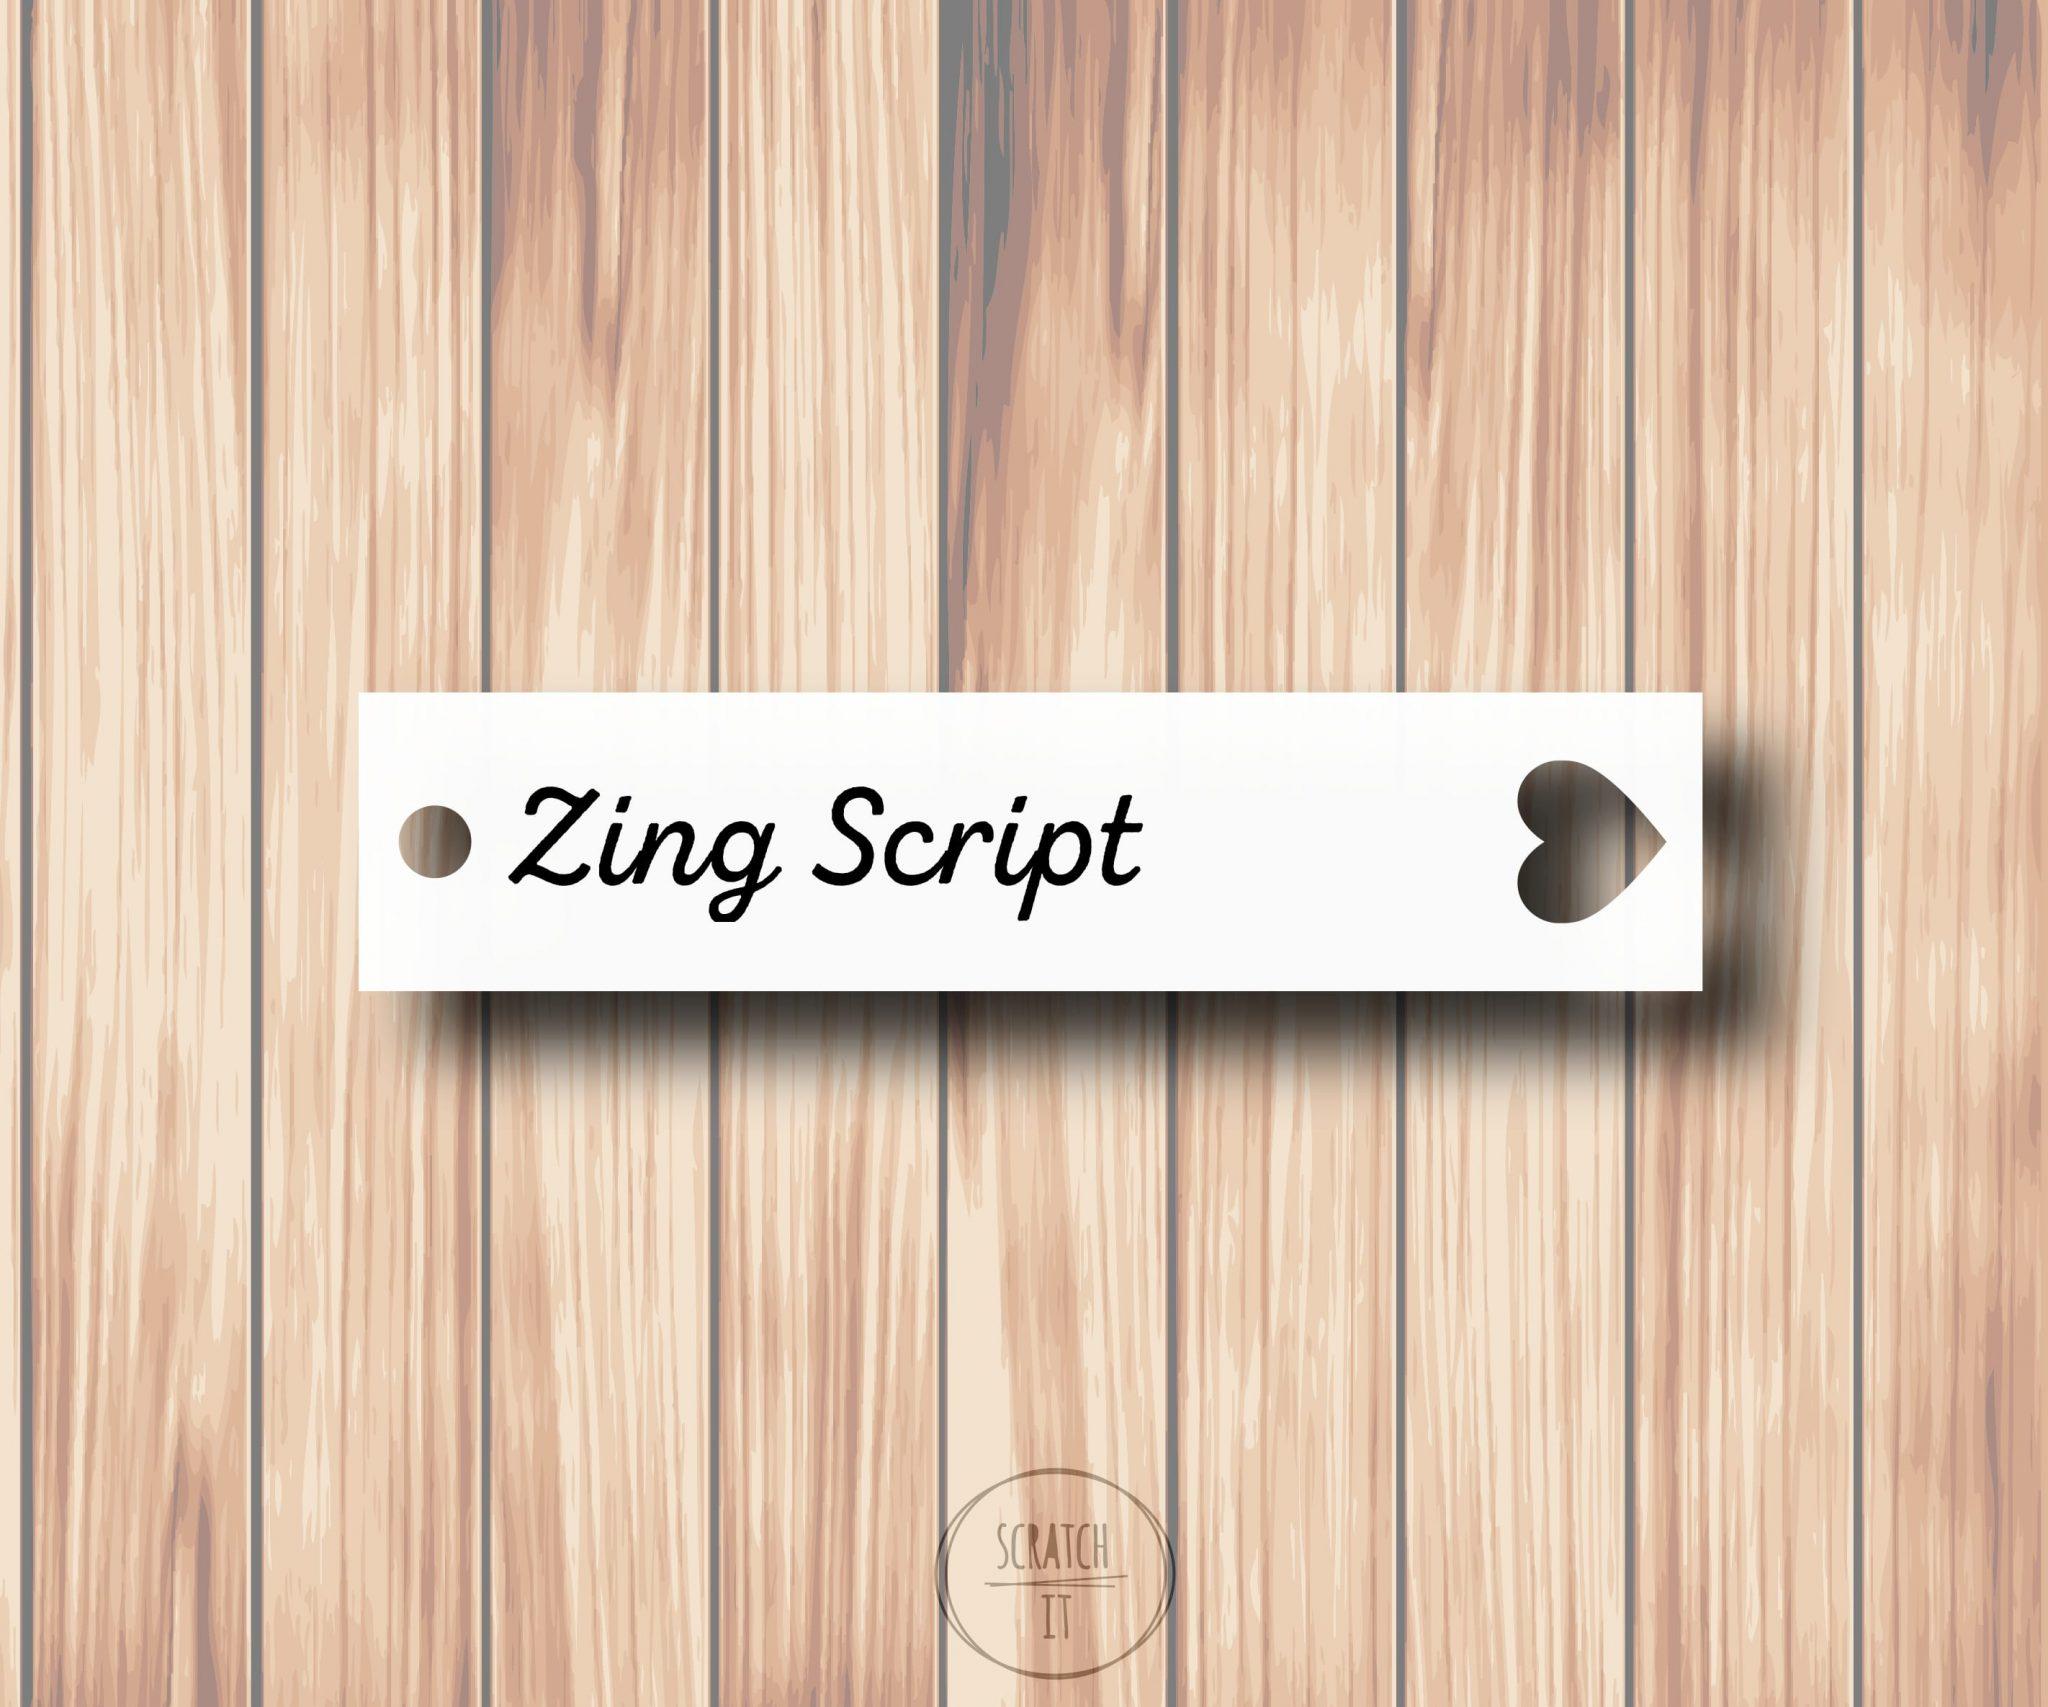 Białe winietki - zawieszka - ZING